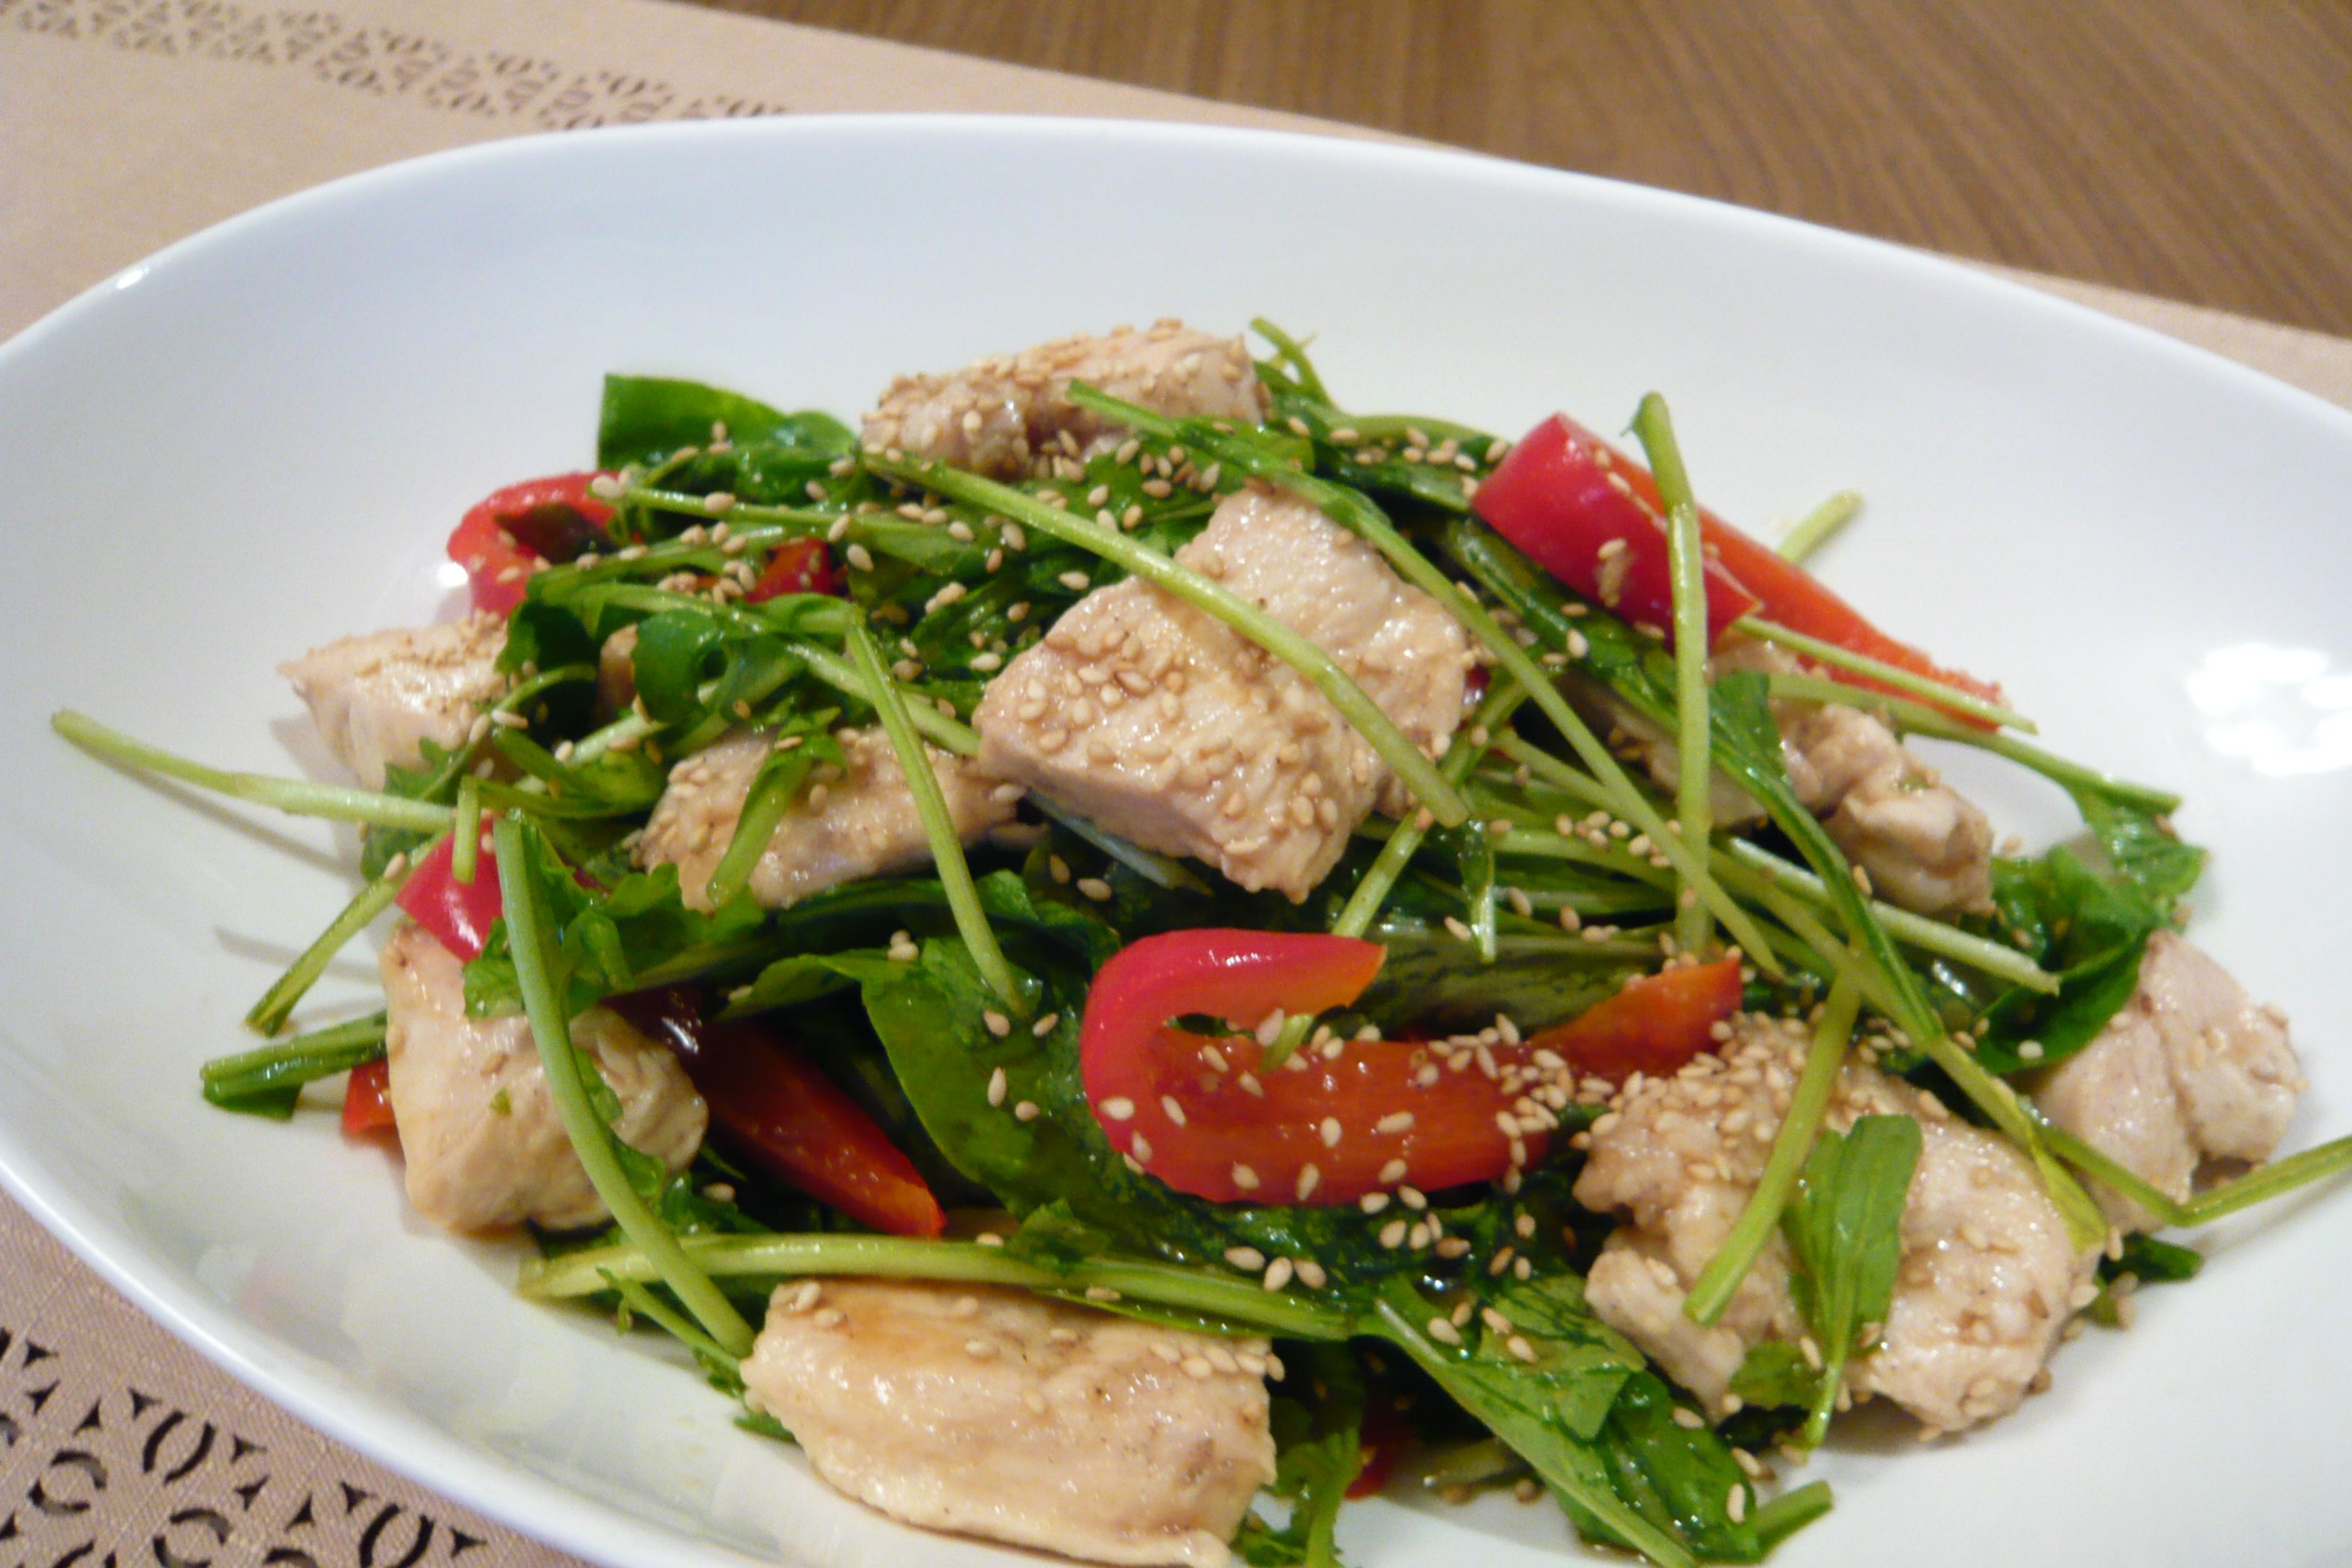 ルッコラと鶏むね肉のサラダ仕立て